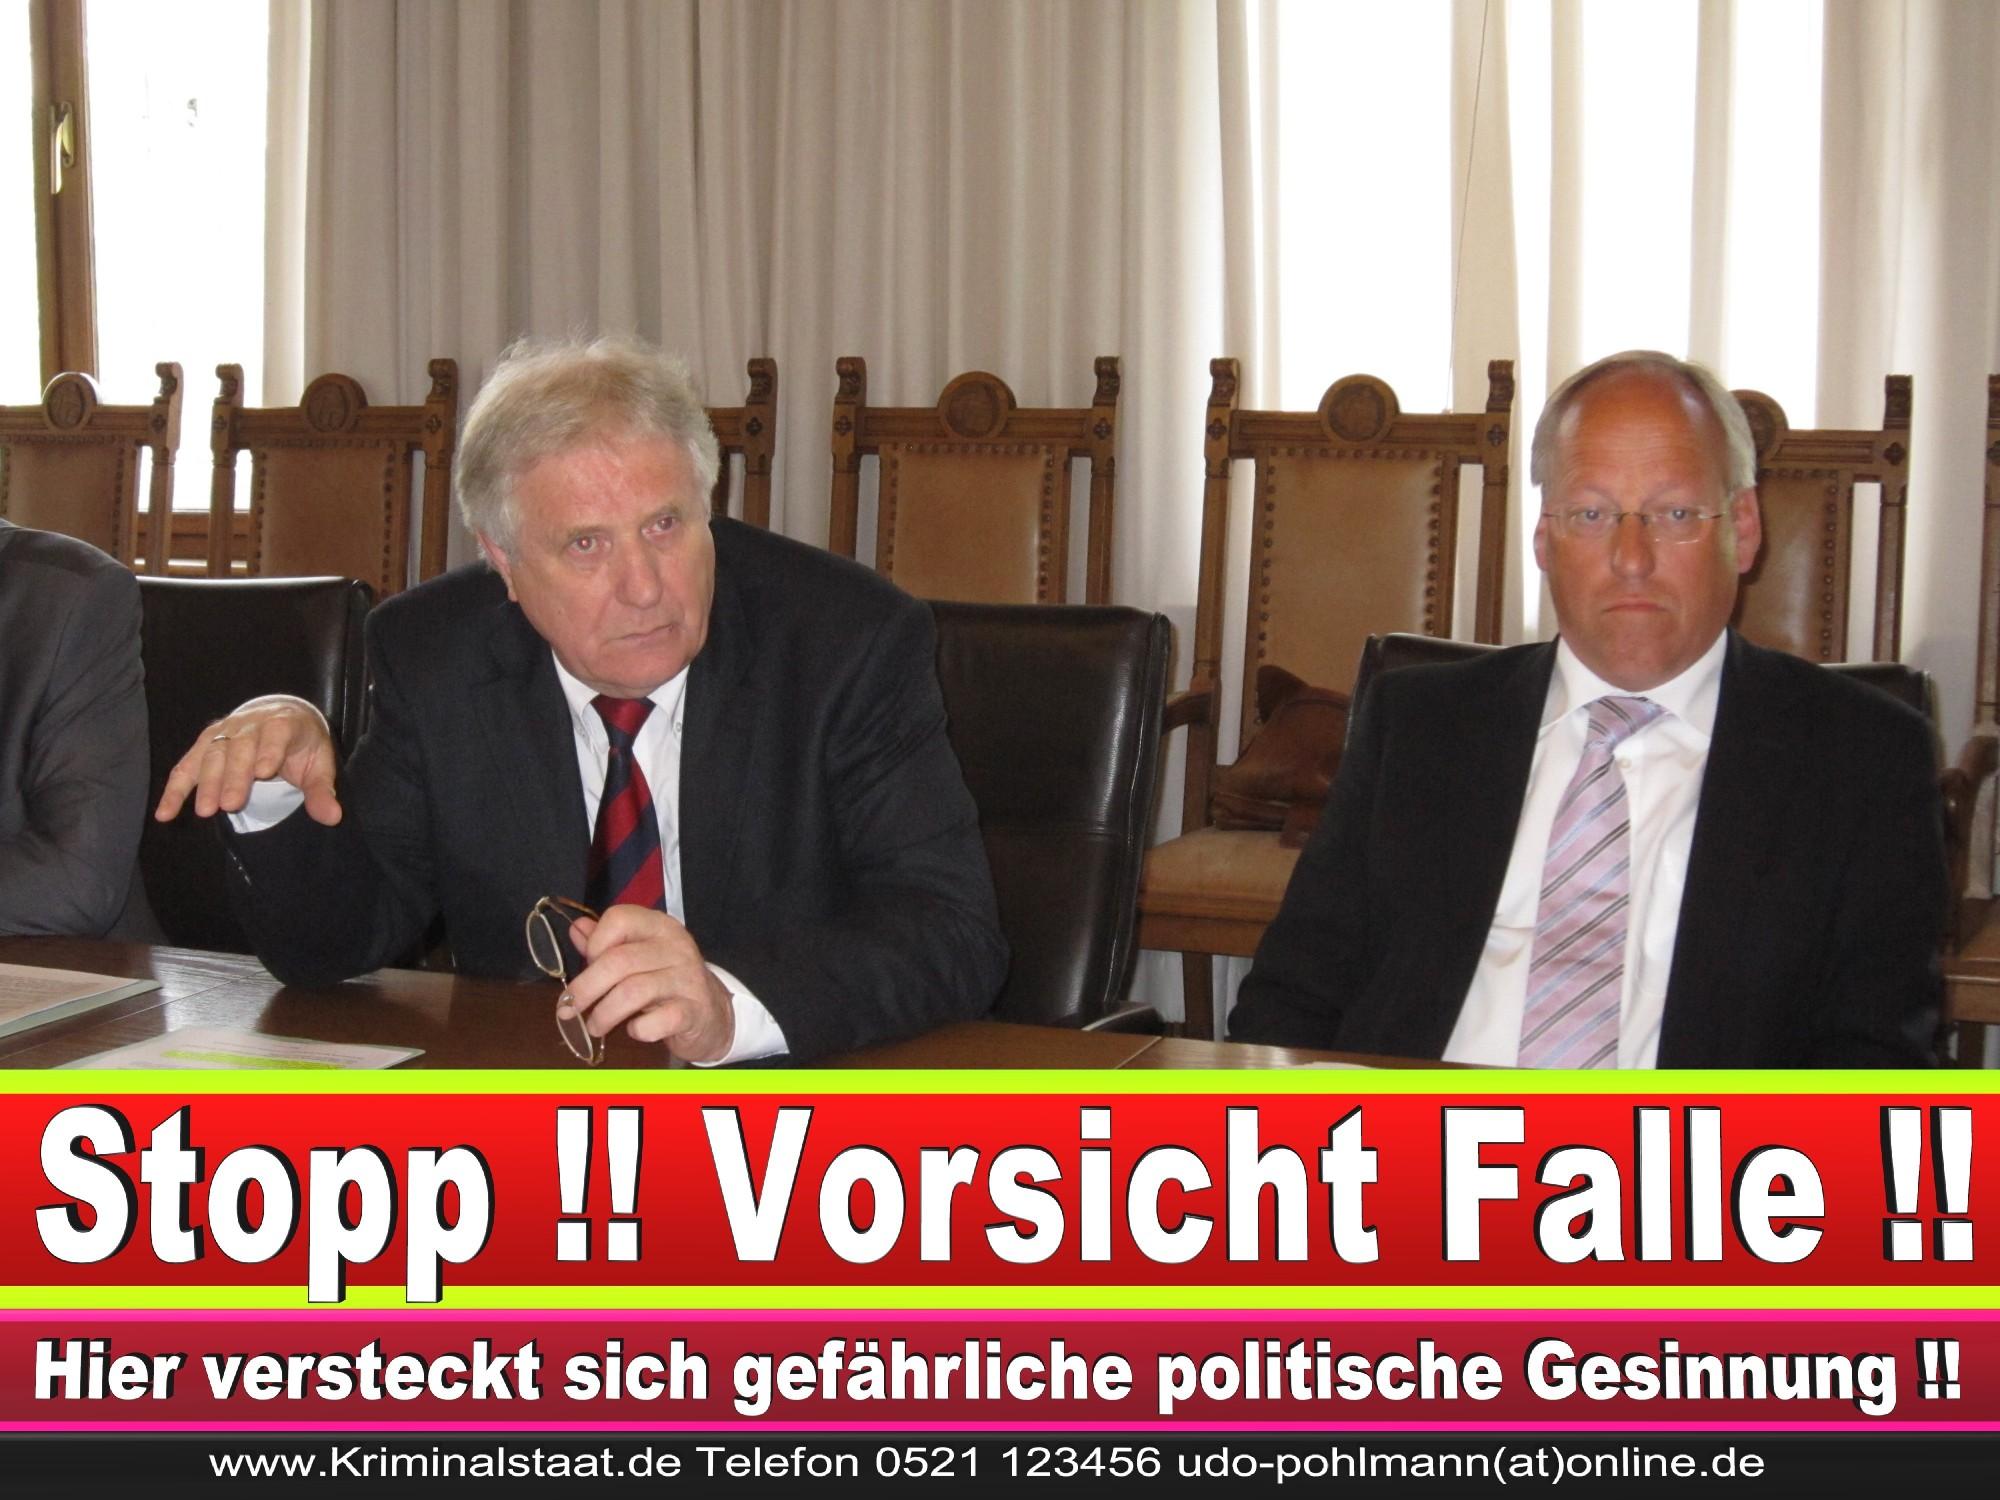 Polizeipräsident Erwin Südfeld Bielefeld Oberbürgermeister Bürgermeister Peter Clausen Pit Clausen Bielefeld (22)